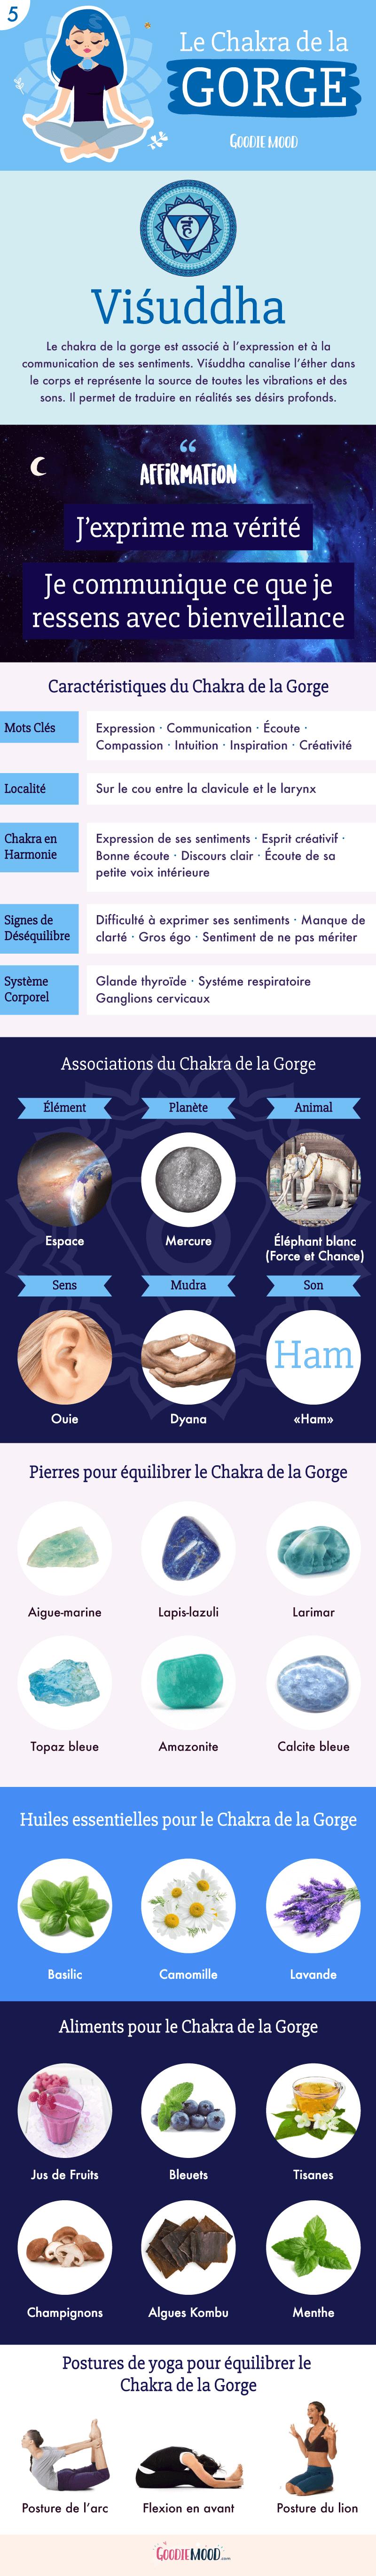 ⭐️Une introduction aux chakras : La signification du Chakra de la Gorge. Sur Goodie Mood le blog Feel Good et Créativité #chakras #conscience #énergie #univers #mystique #magie #santé #lithothérapie #cristaux #esoterisme #gorge